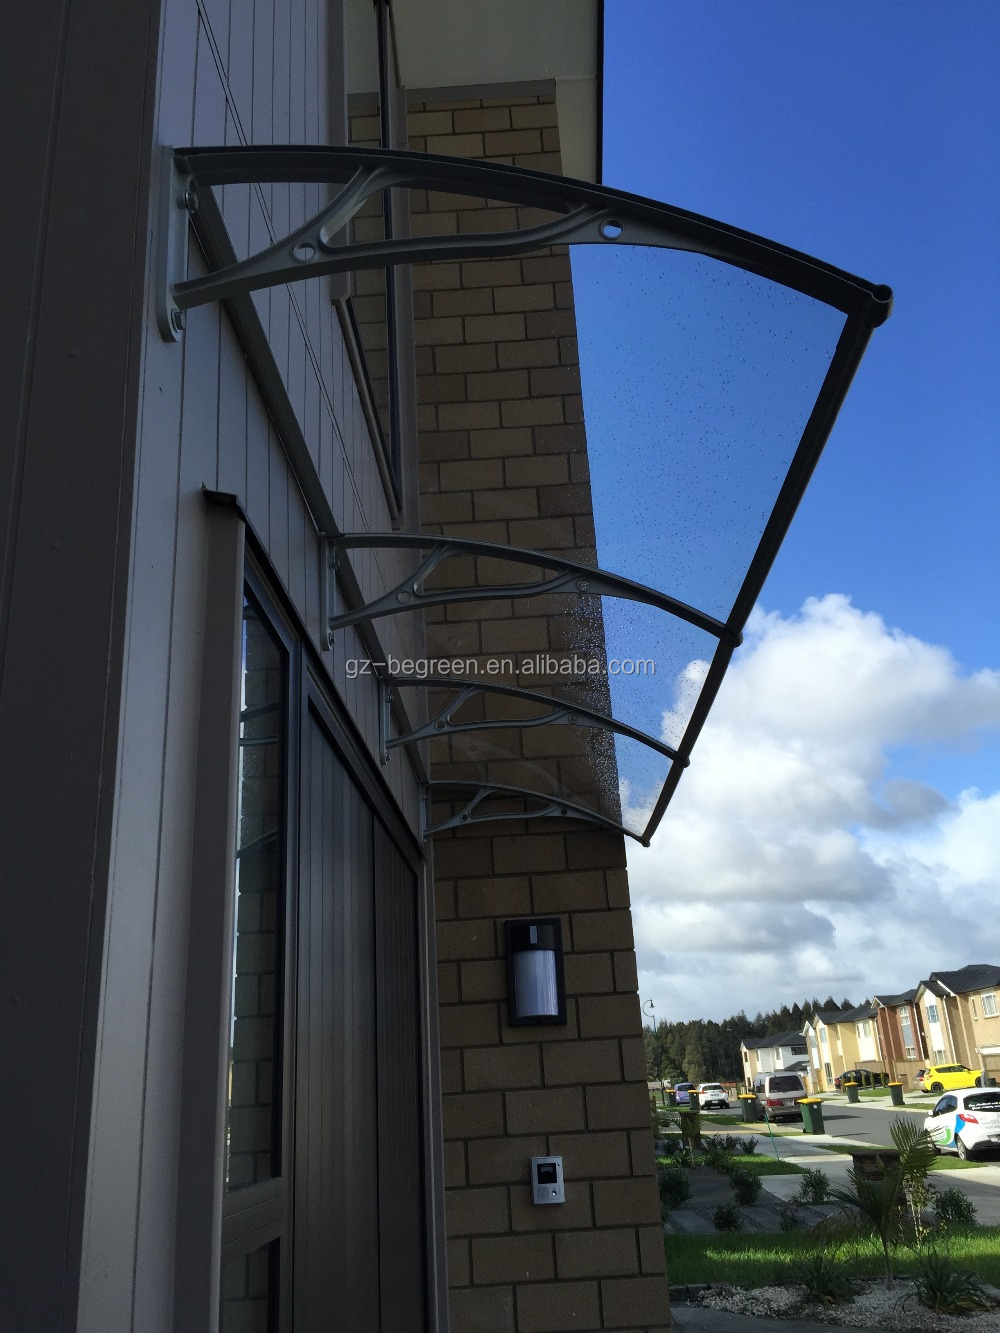 Auvent Balcon intérieur egr1000 freesky auvent en aluminium pour balcon,haute qualité